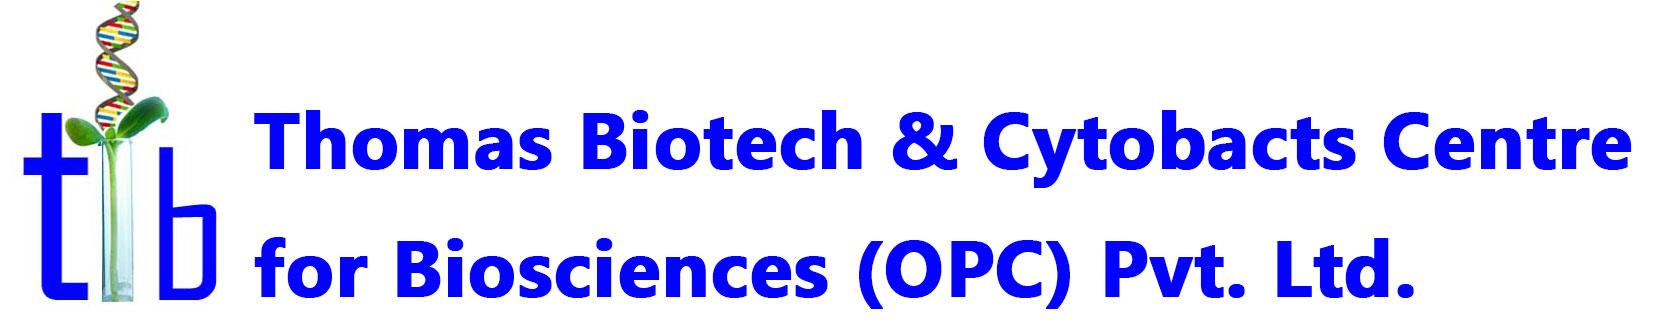 Thomas Biotech